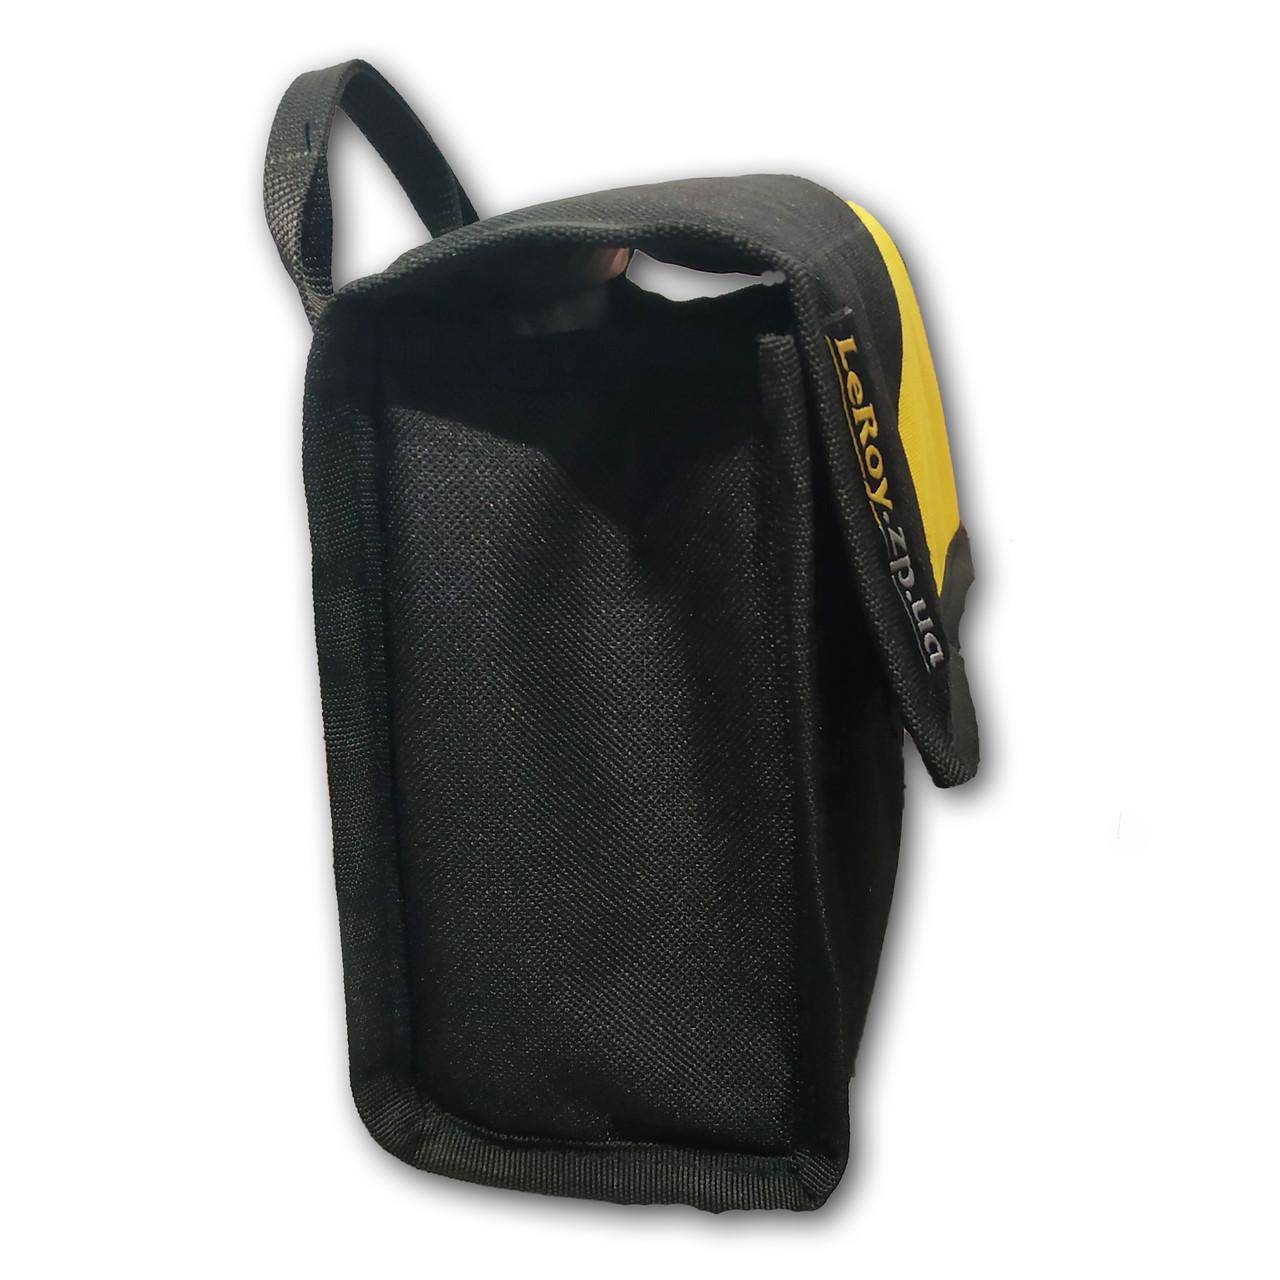 Сумка для катушки LeRoy Reel Bag Жёлто-чёрный